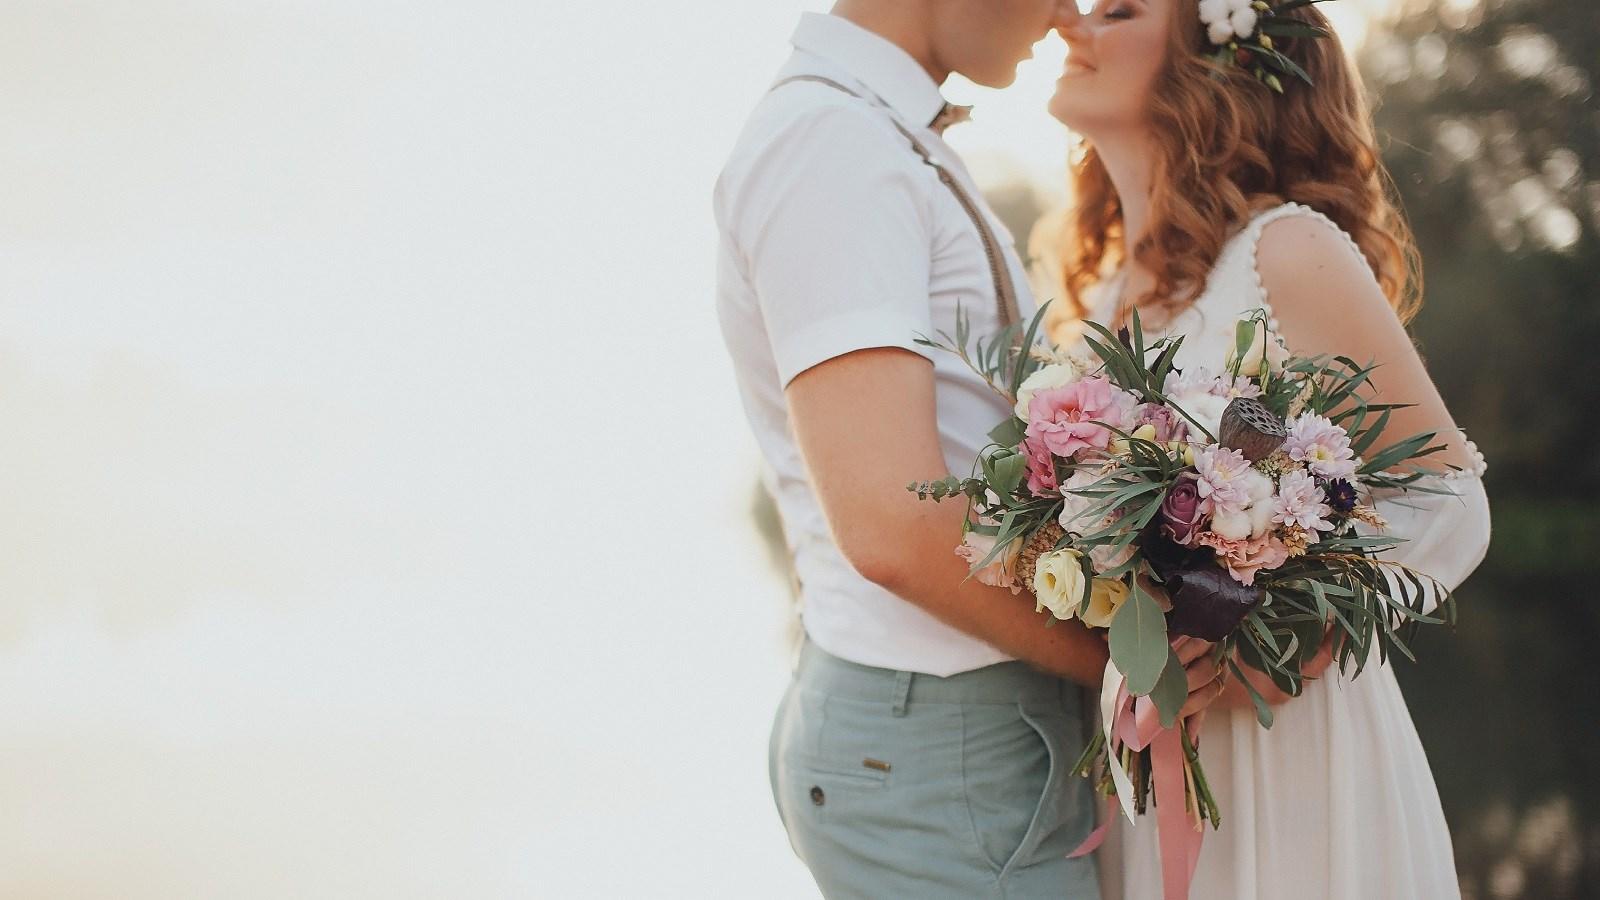 אצלנו בחצר: חתונות בצל הקורונה, מקום לחגוג, 1